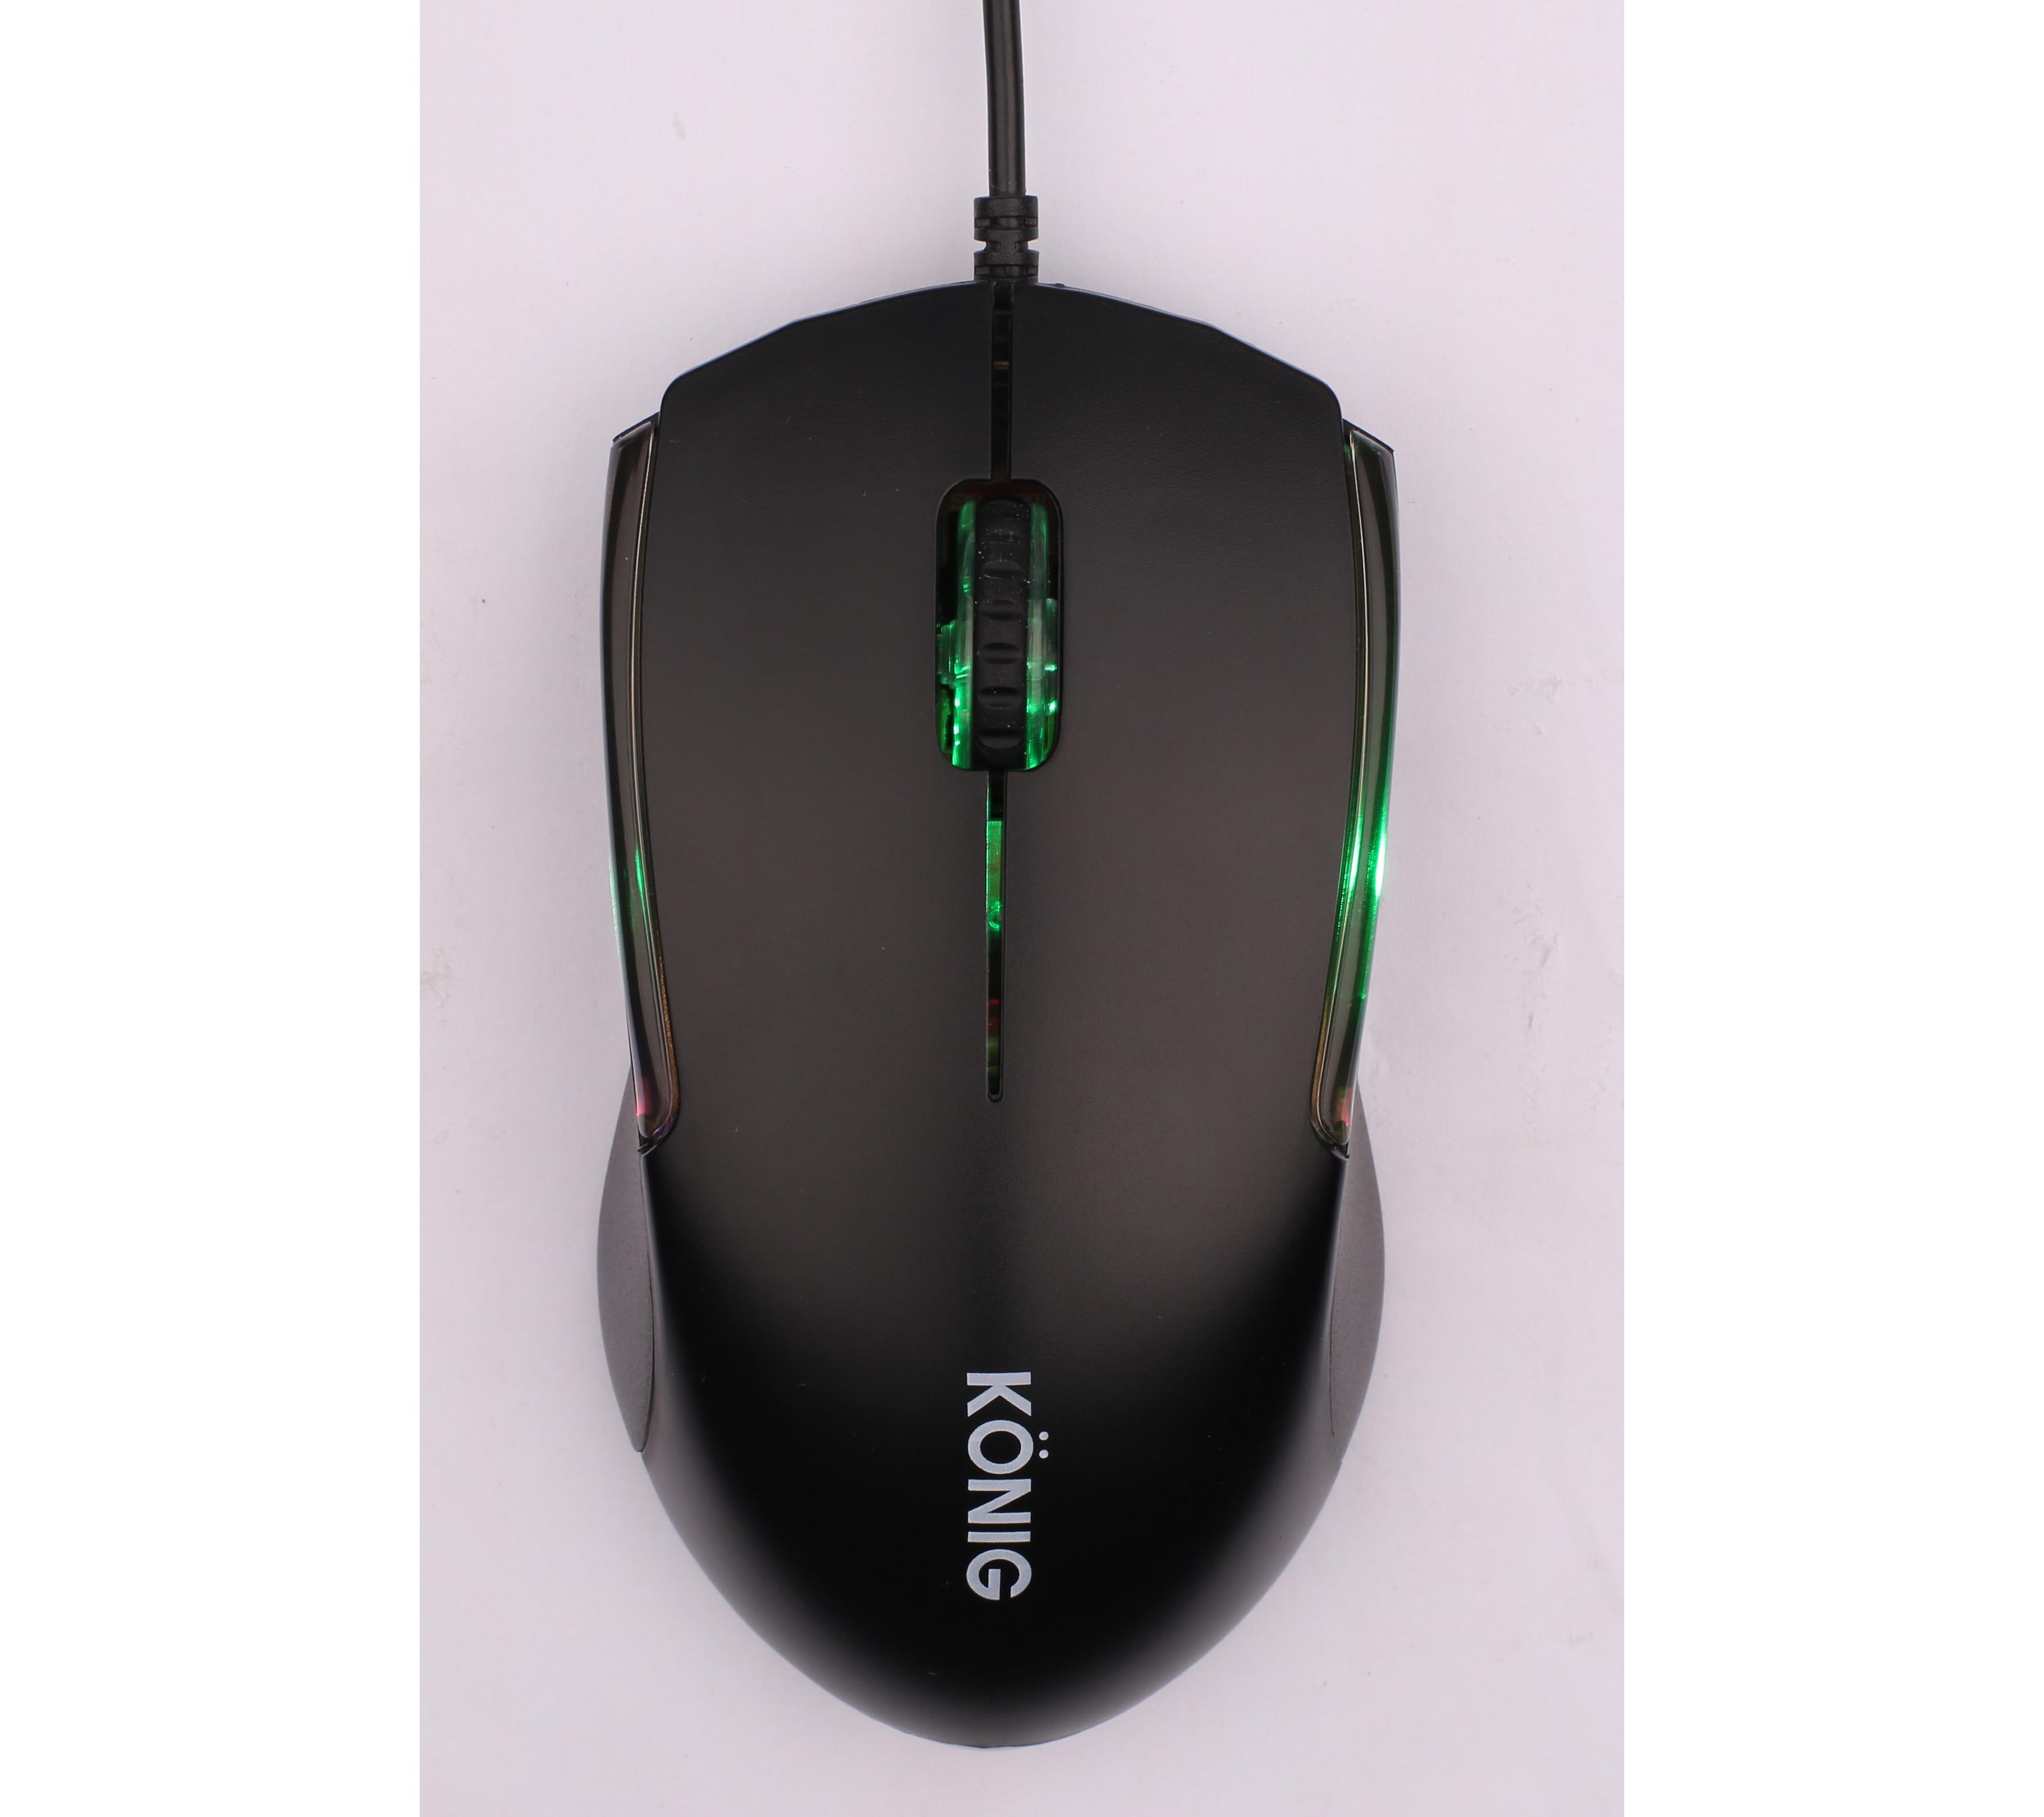 Chuột Game có dây KONIG KM18 màu đen